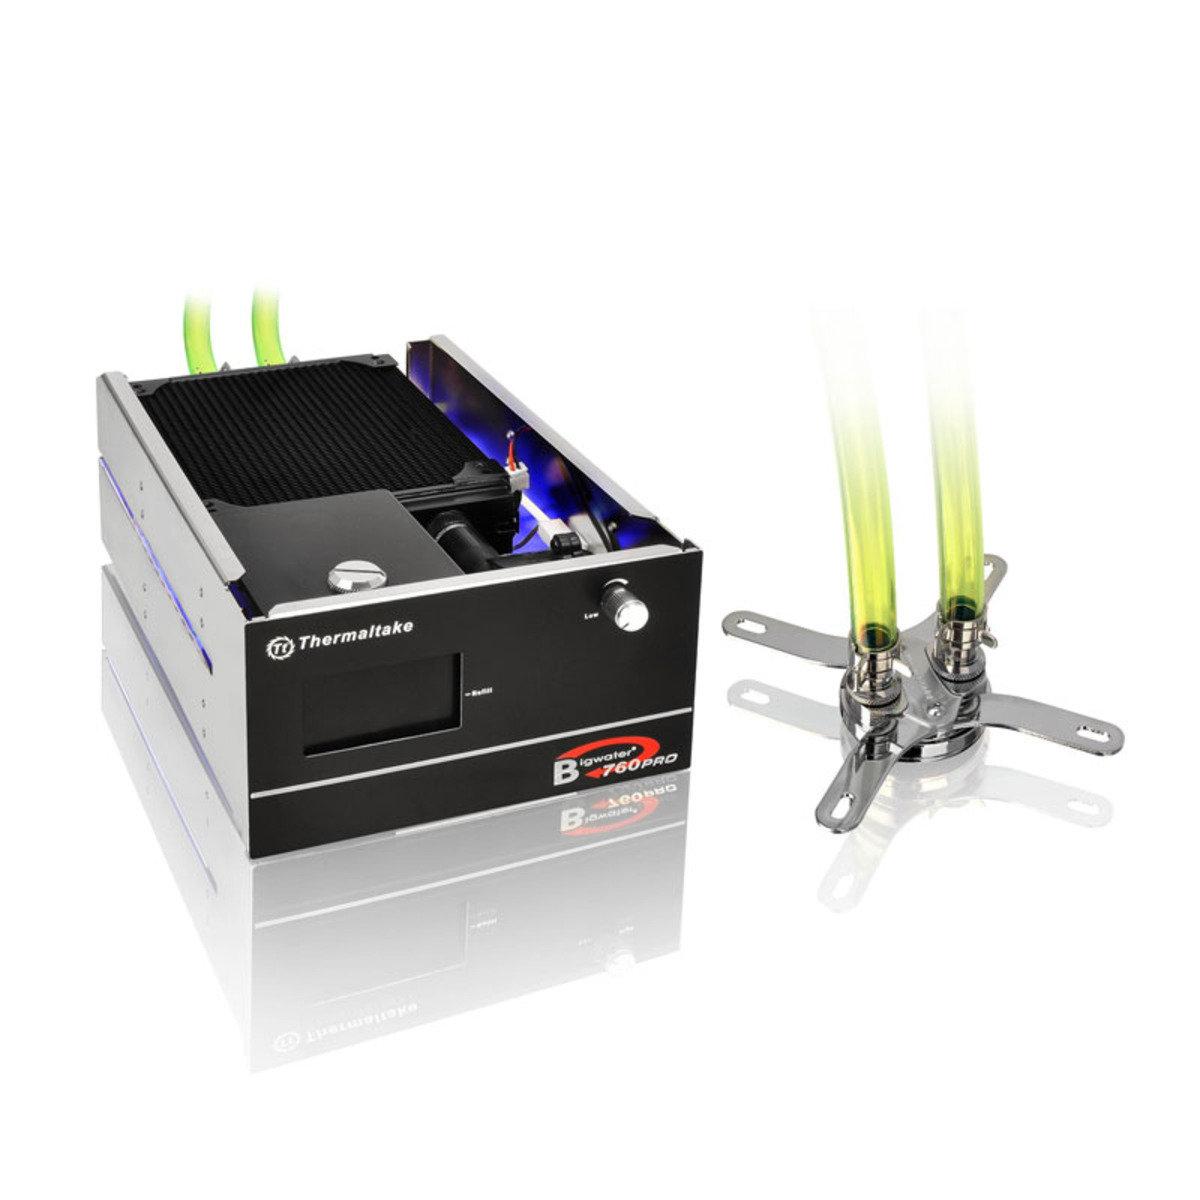 面板雙5.25吋 一體式中央處理器液冷散熱系統 BigWater 760 Pro